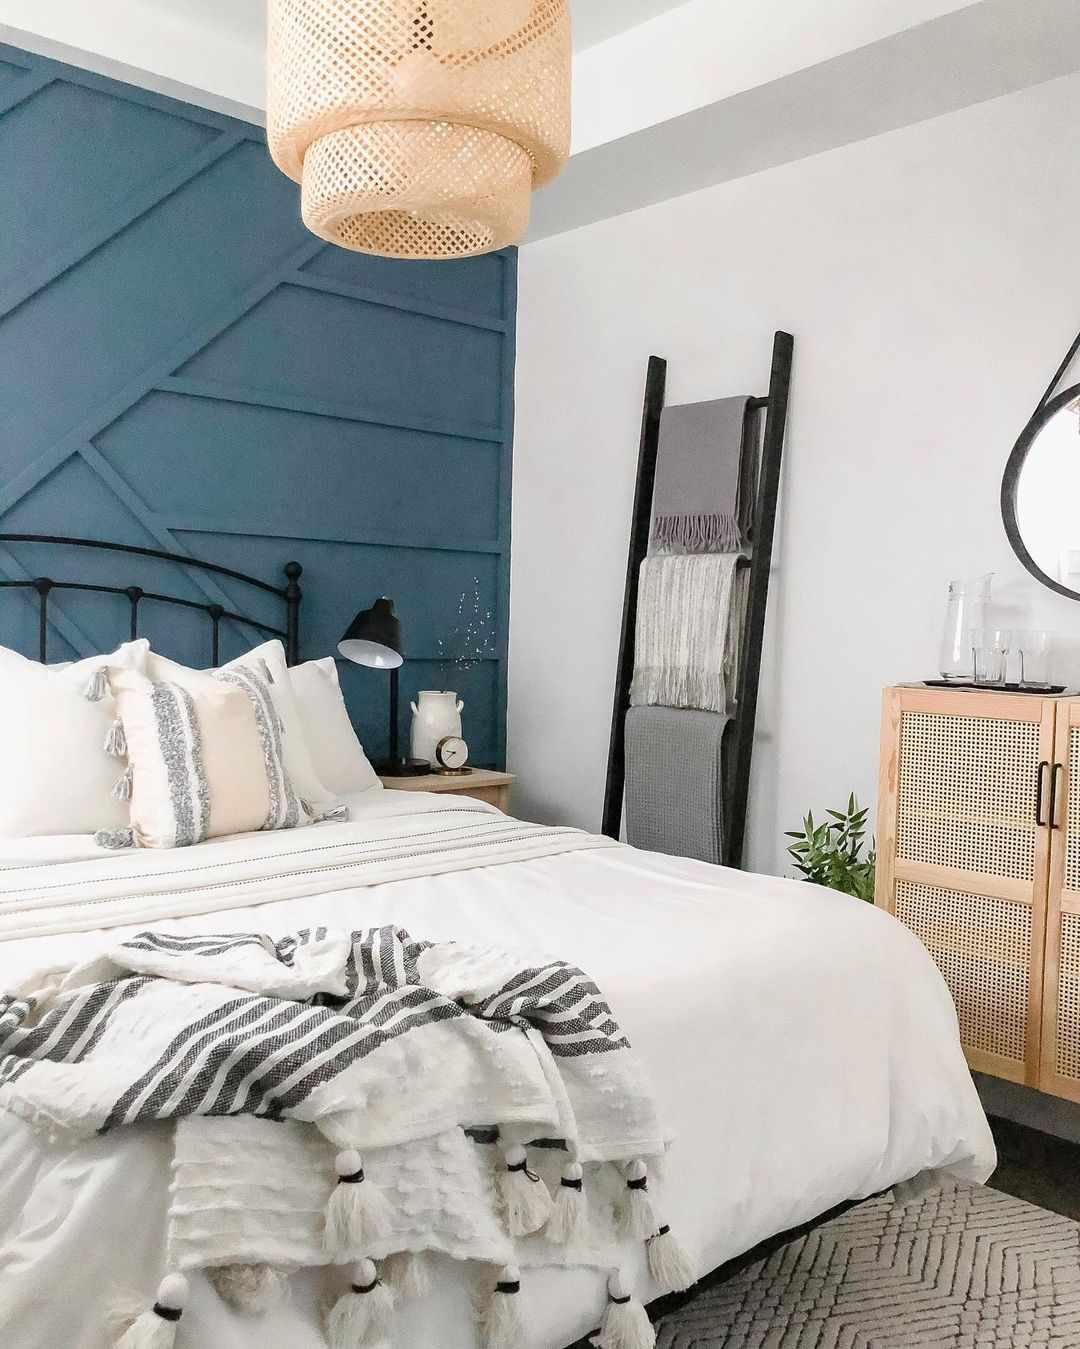 Bedroom with hanging blanket ladder